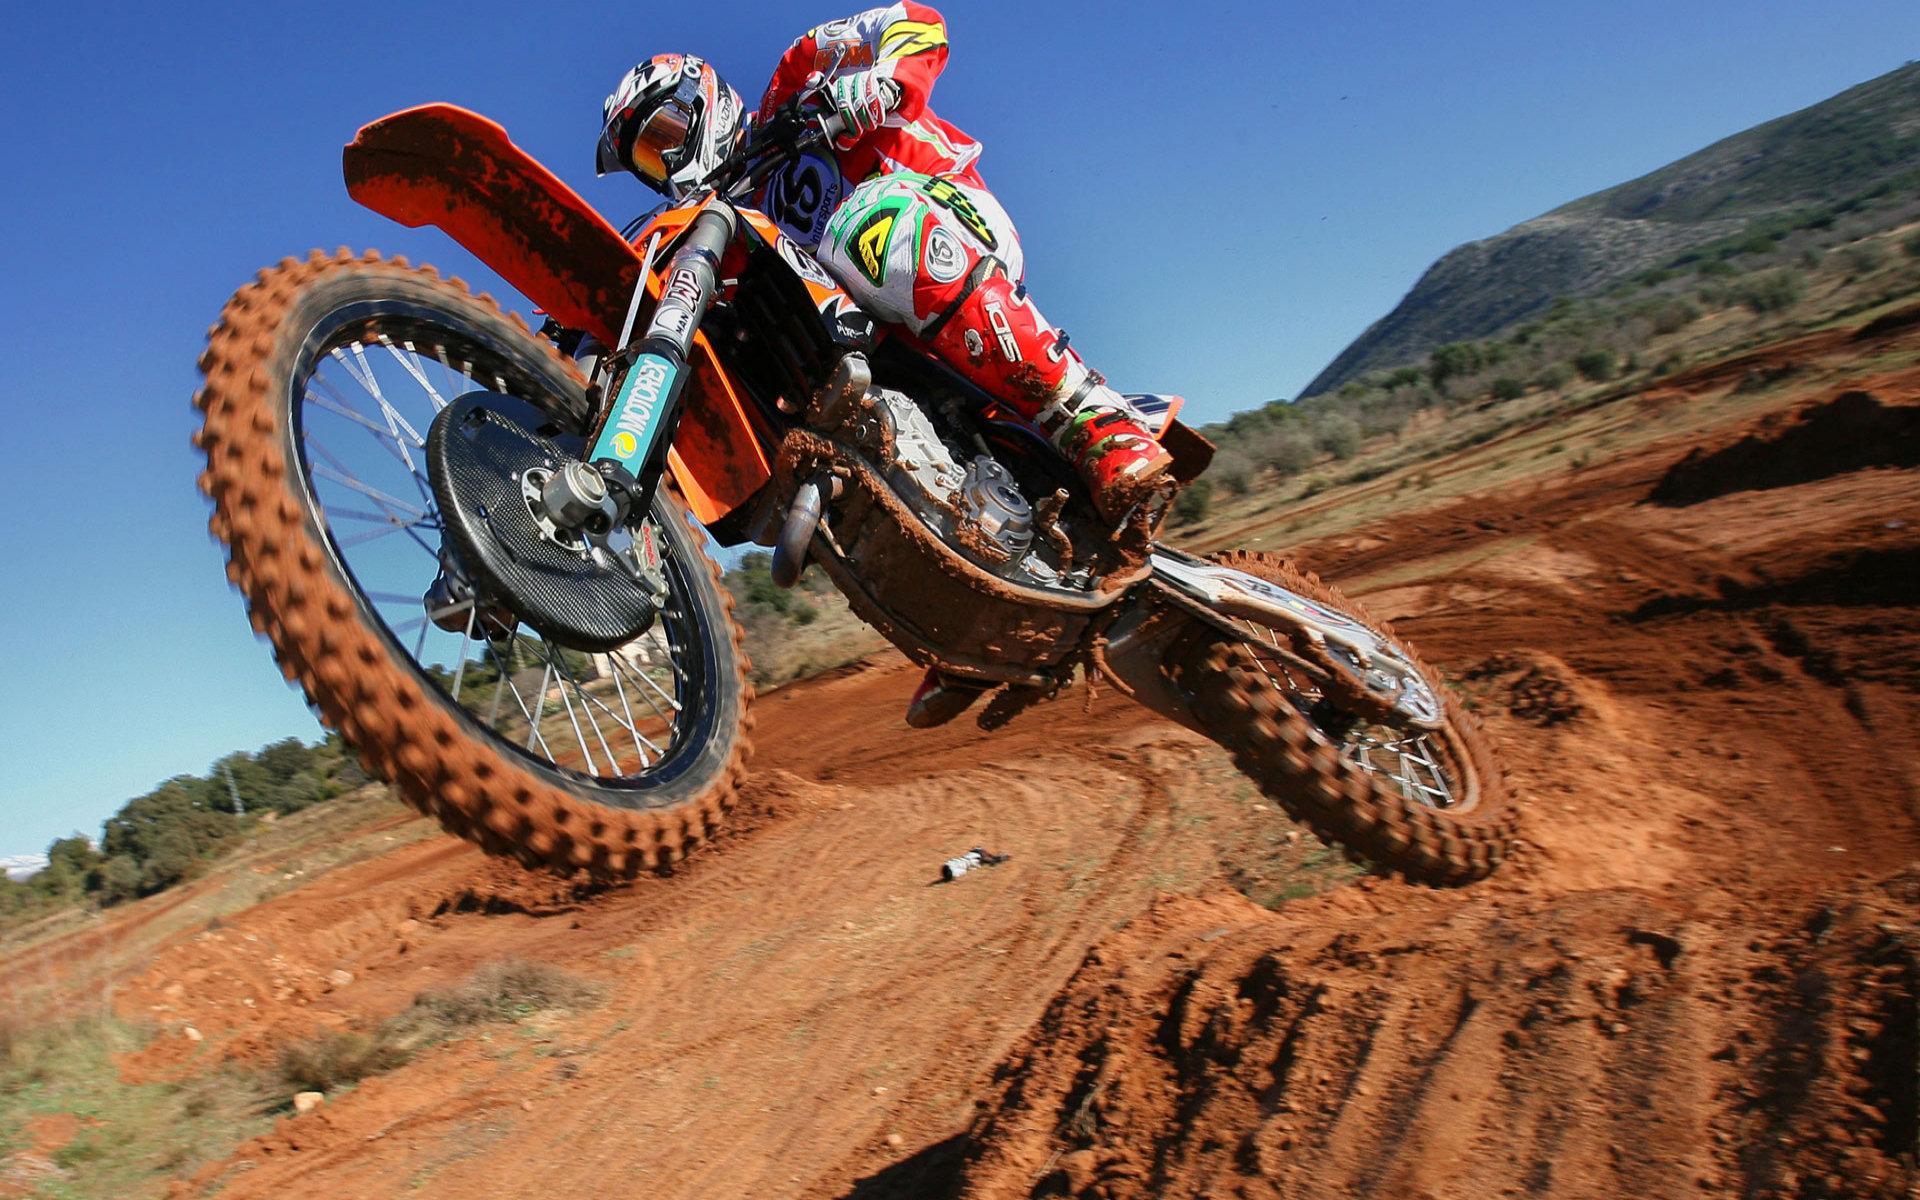 Dirt Bike Wallpaper HD - WallpaperSafari